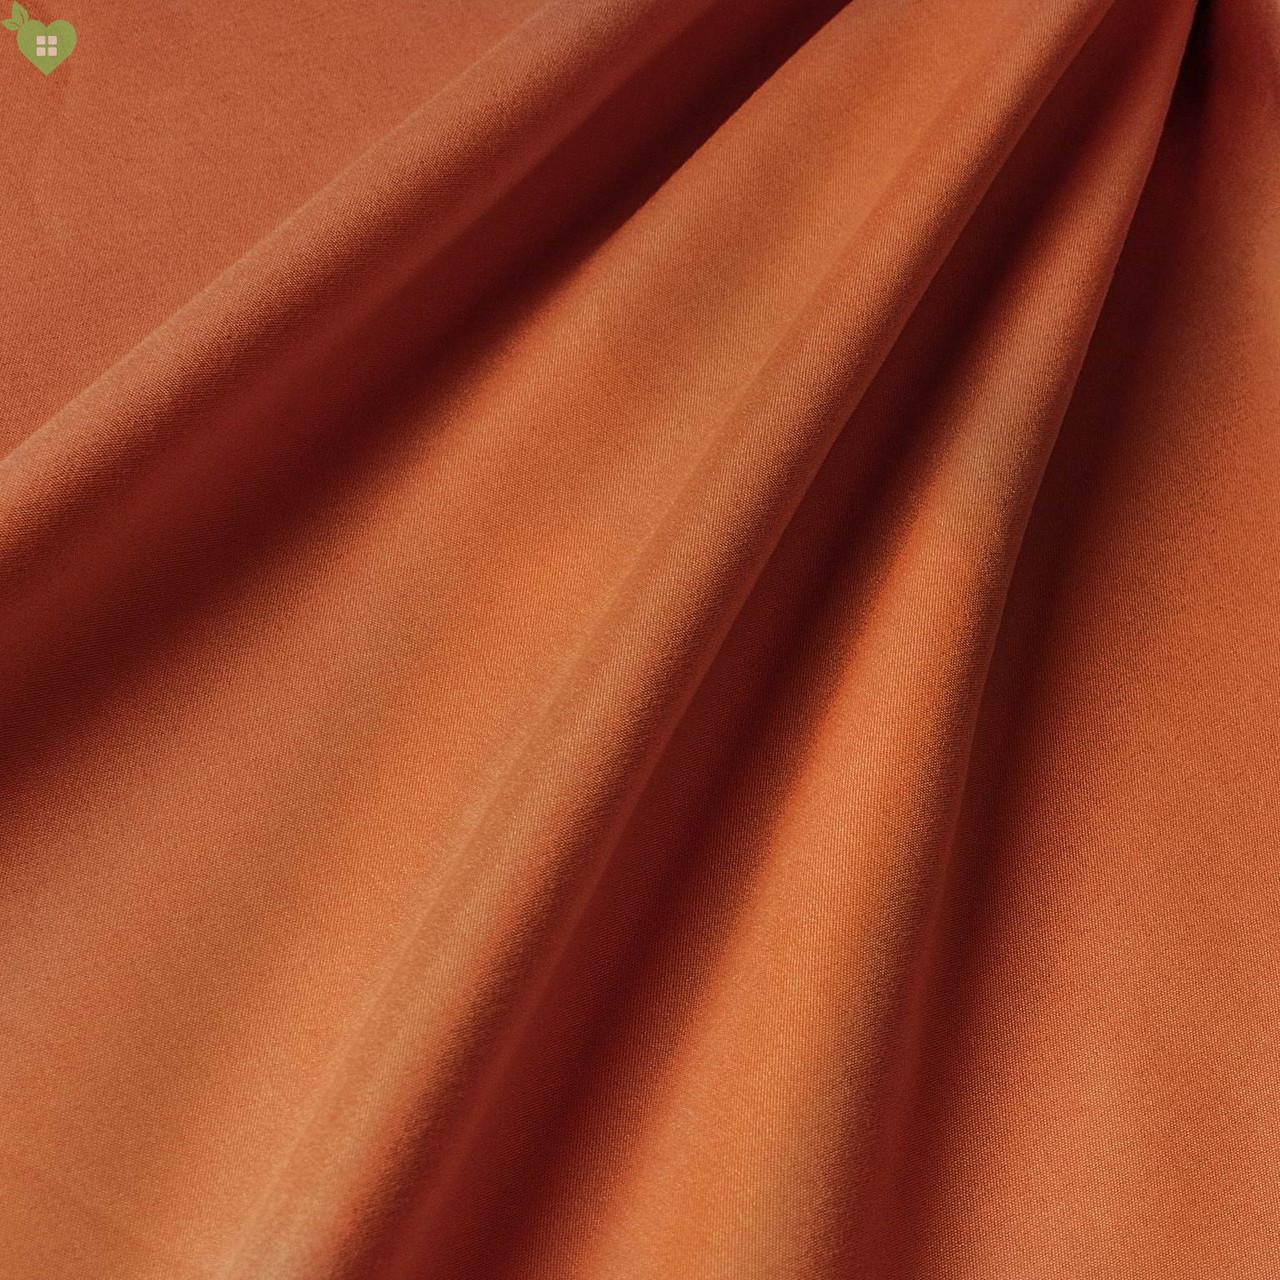 Підкладкова тканина з персикової фактурою темно-морквяного кольору Іспанія 83307v10